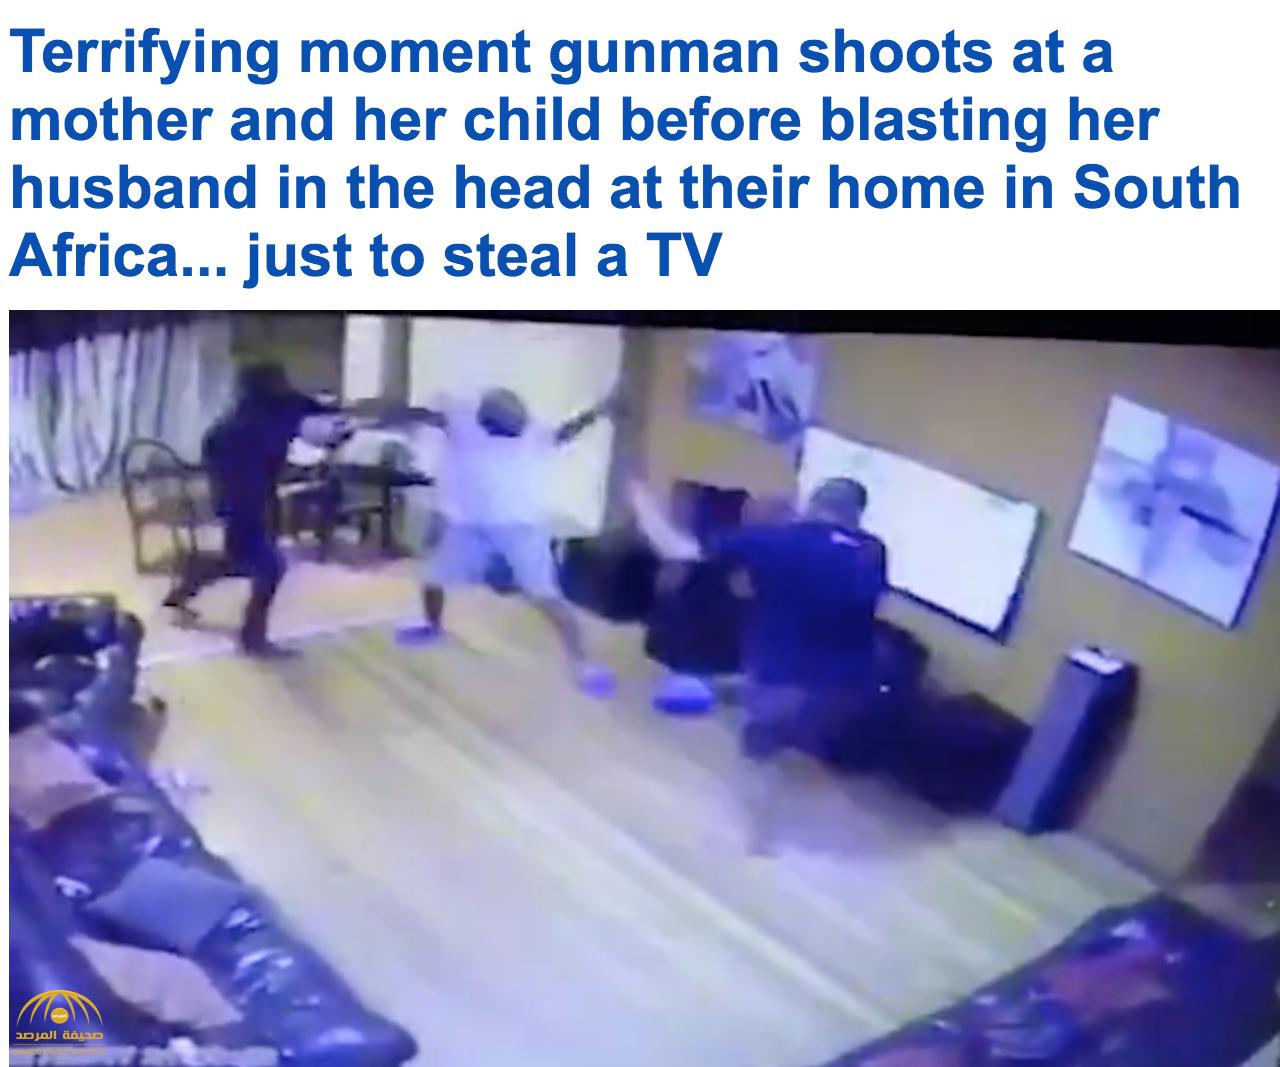 بالفيديو.. زوج يضحي بحياته من أجل إنقاذ أسرته خلال عملية سطو مسلح